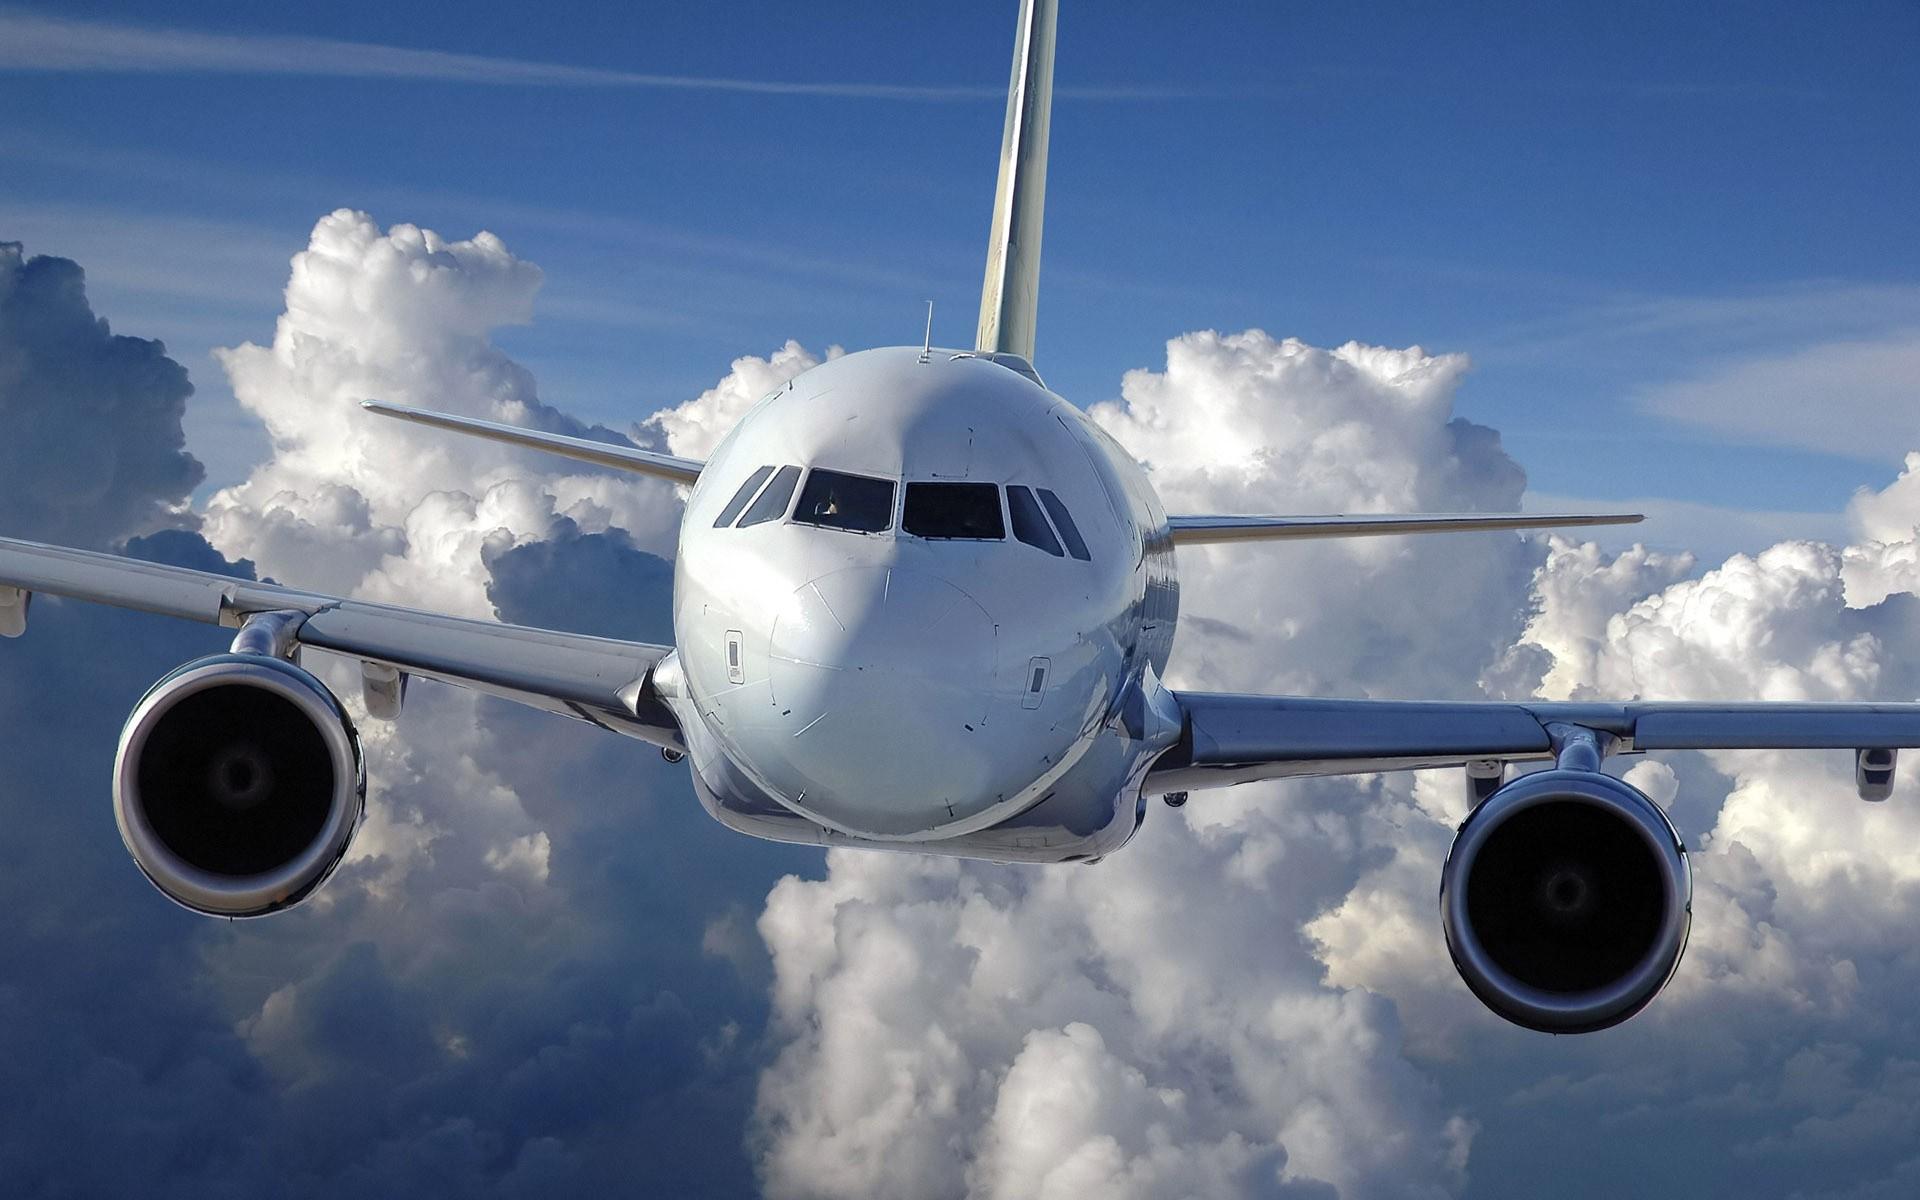 2-ой задень самолет совершает экстренную посадку ваэропорту Ростова